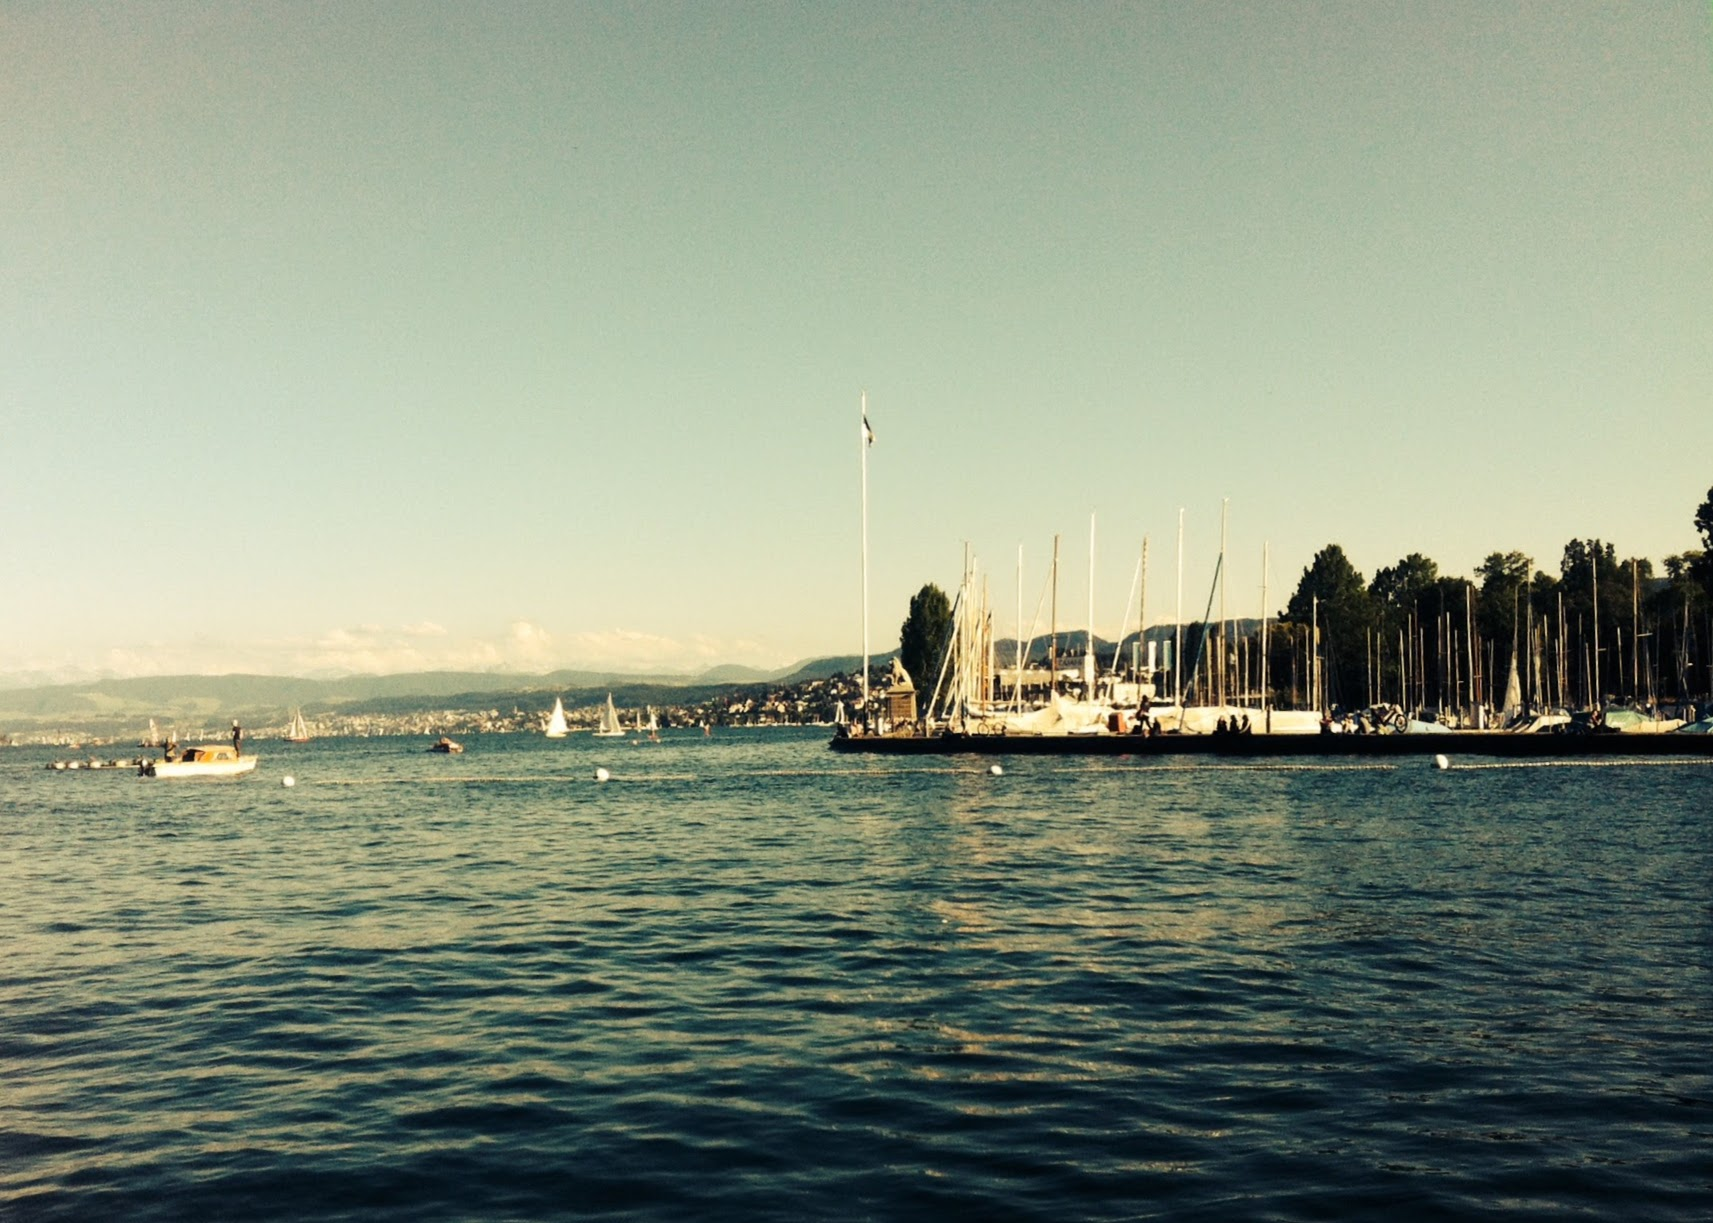 Running route in Zurich - Enge